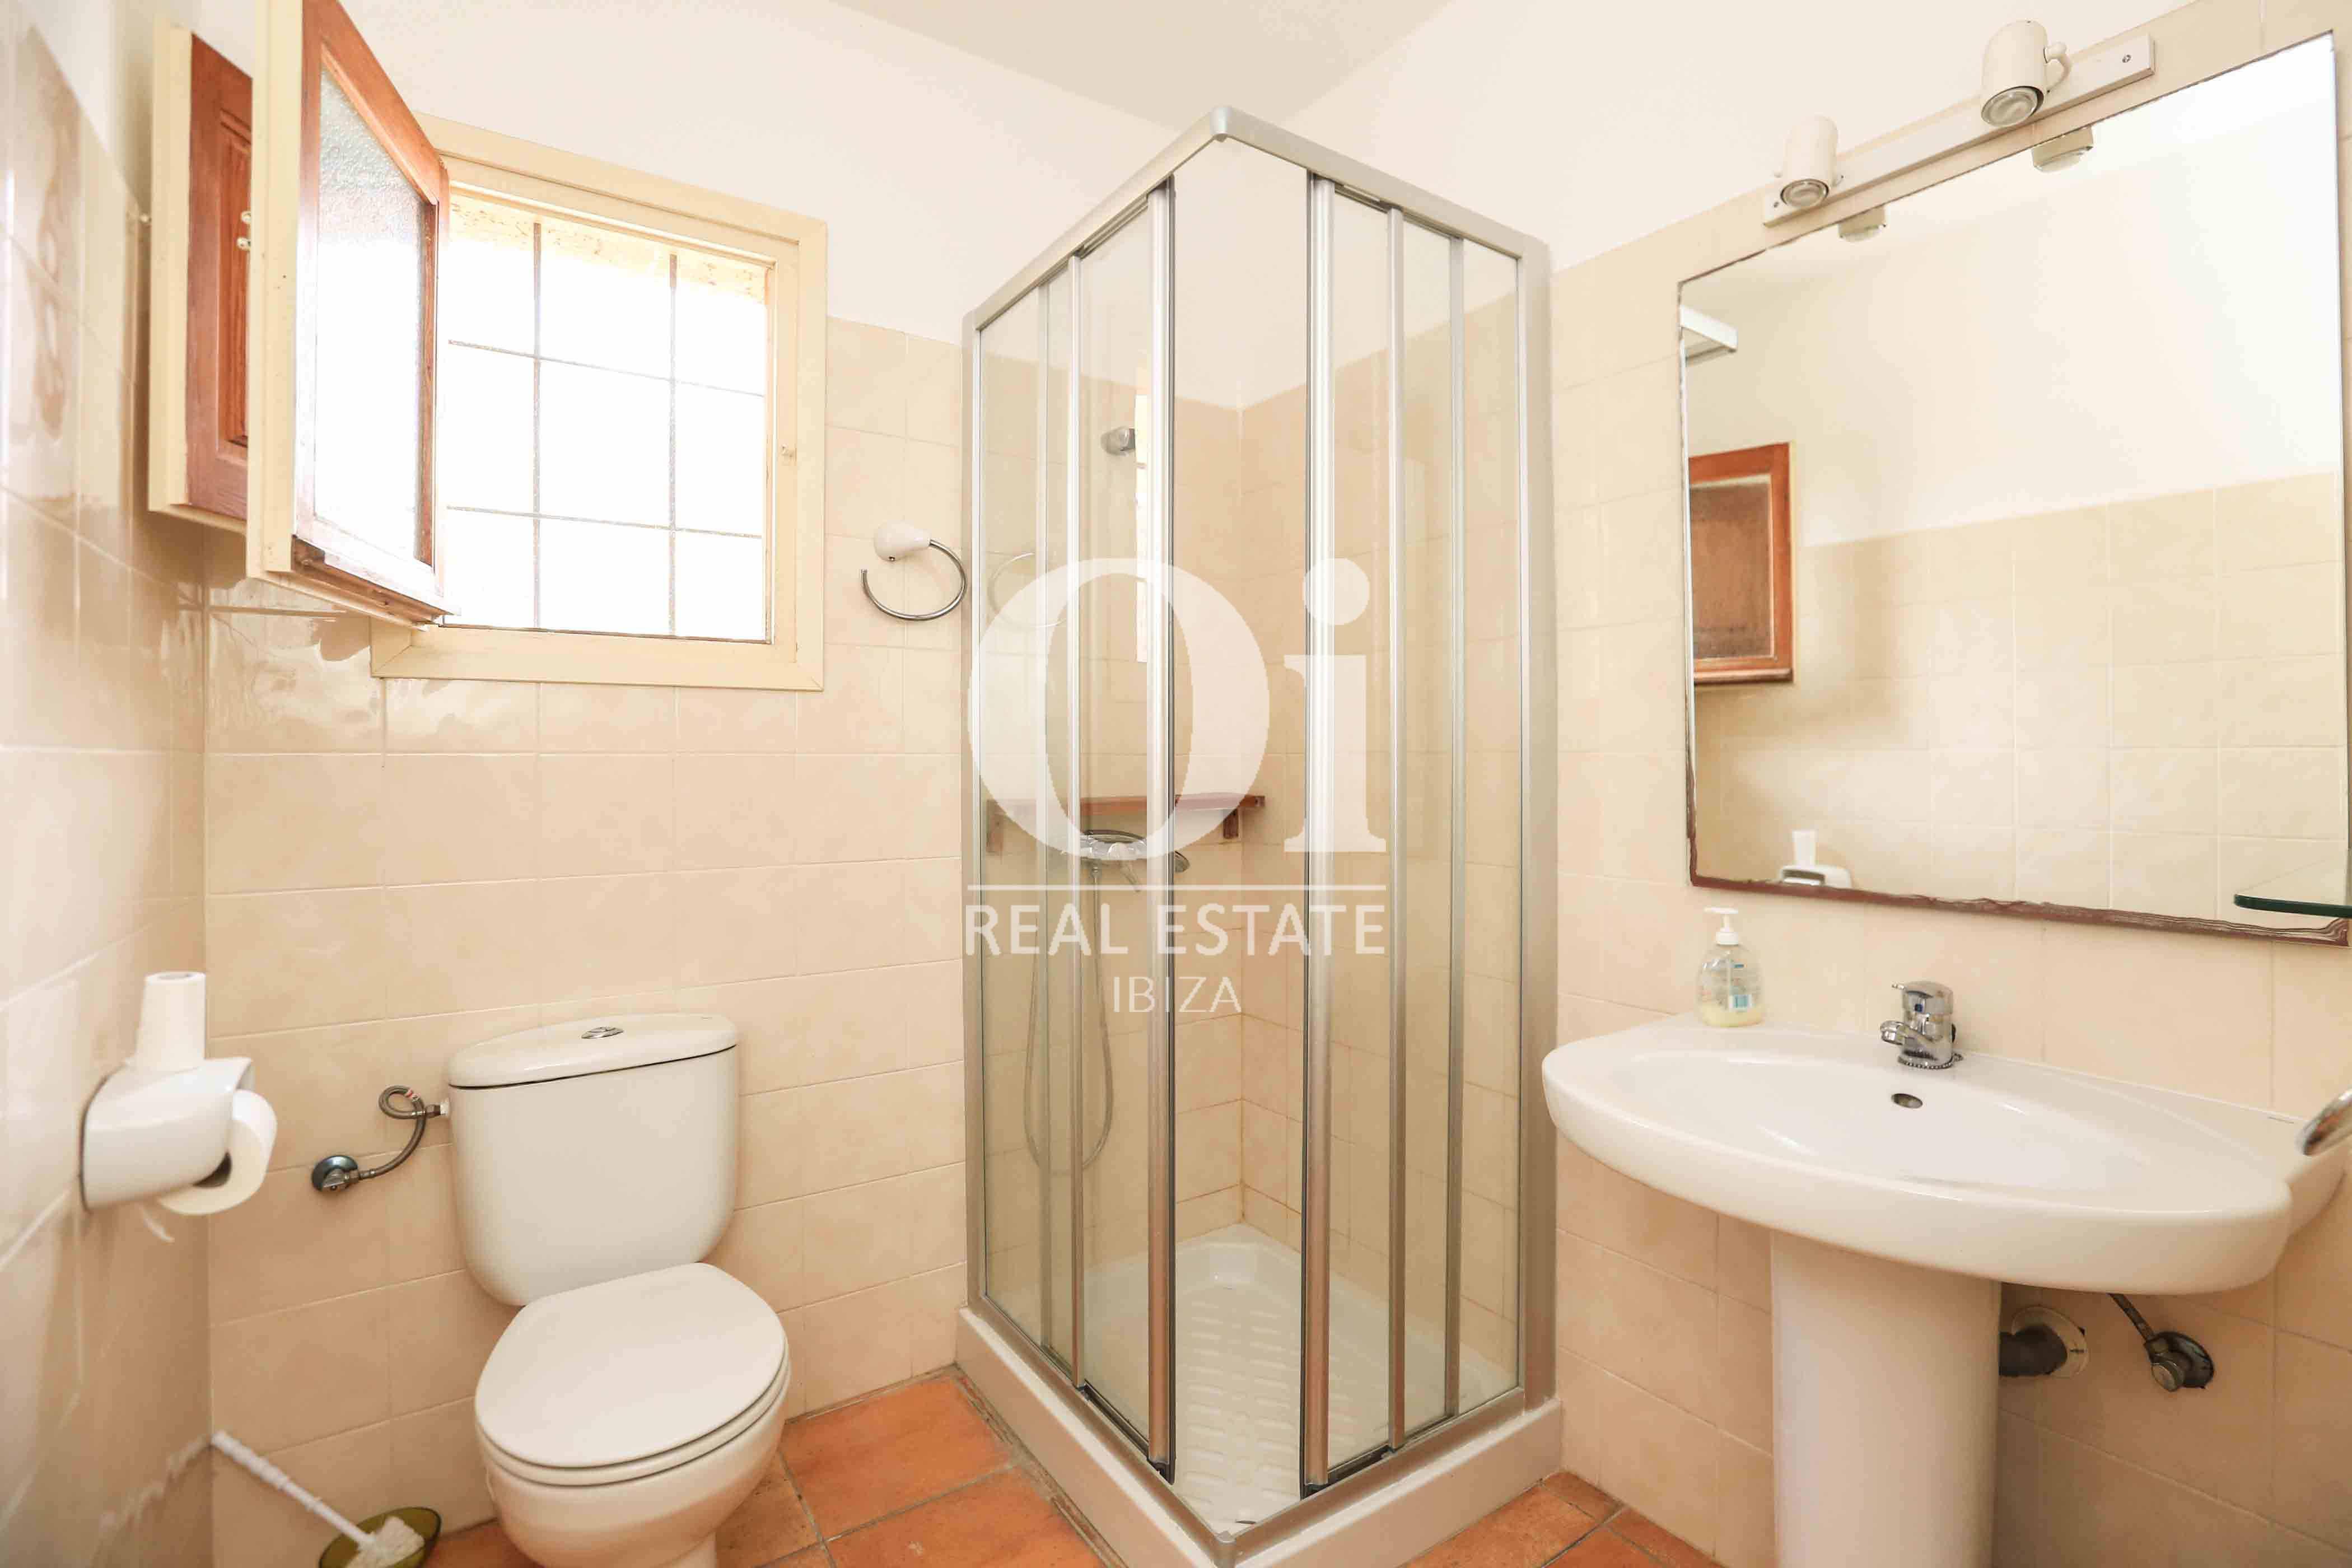 Baño con ducha de casa en alquiler vacacional en zona Puig d'en Valls, Ibiza